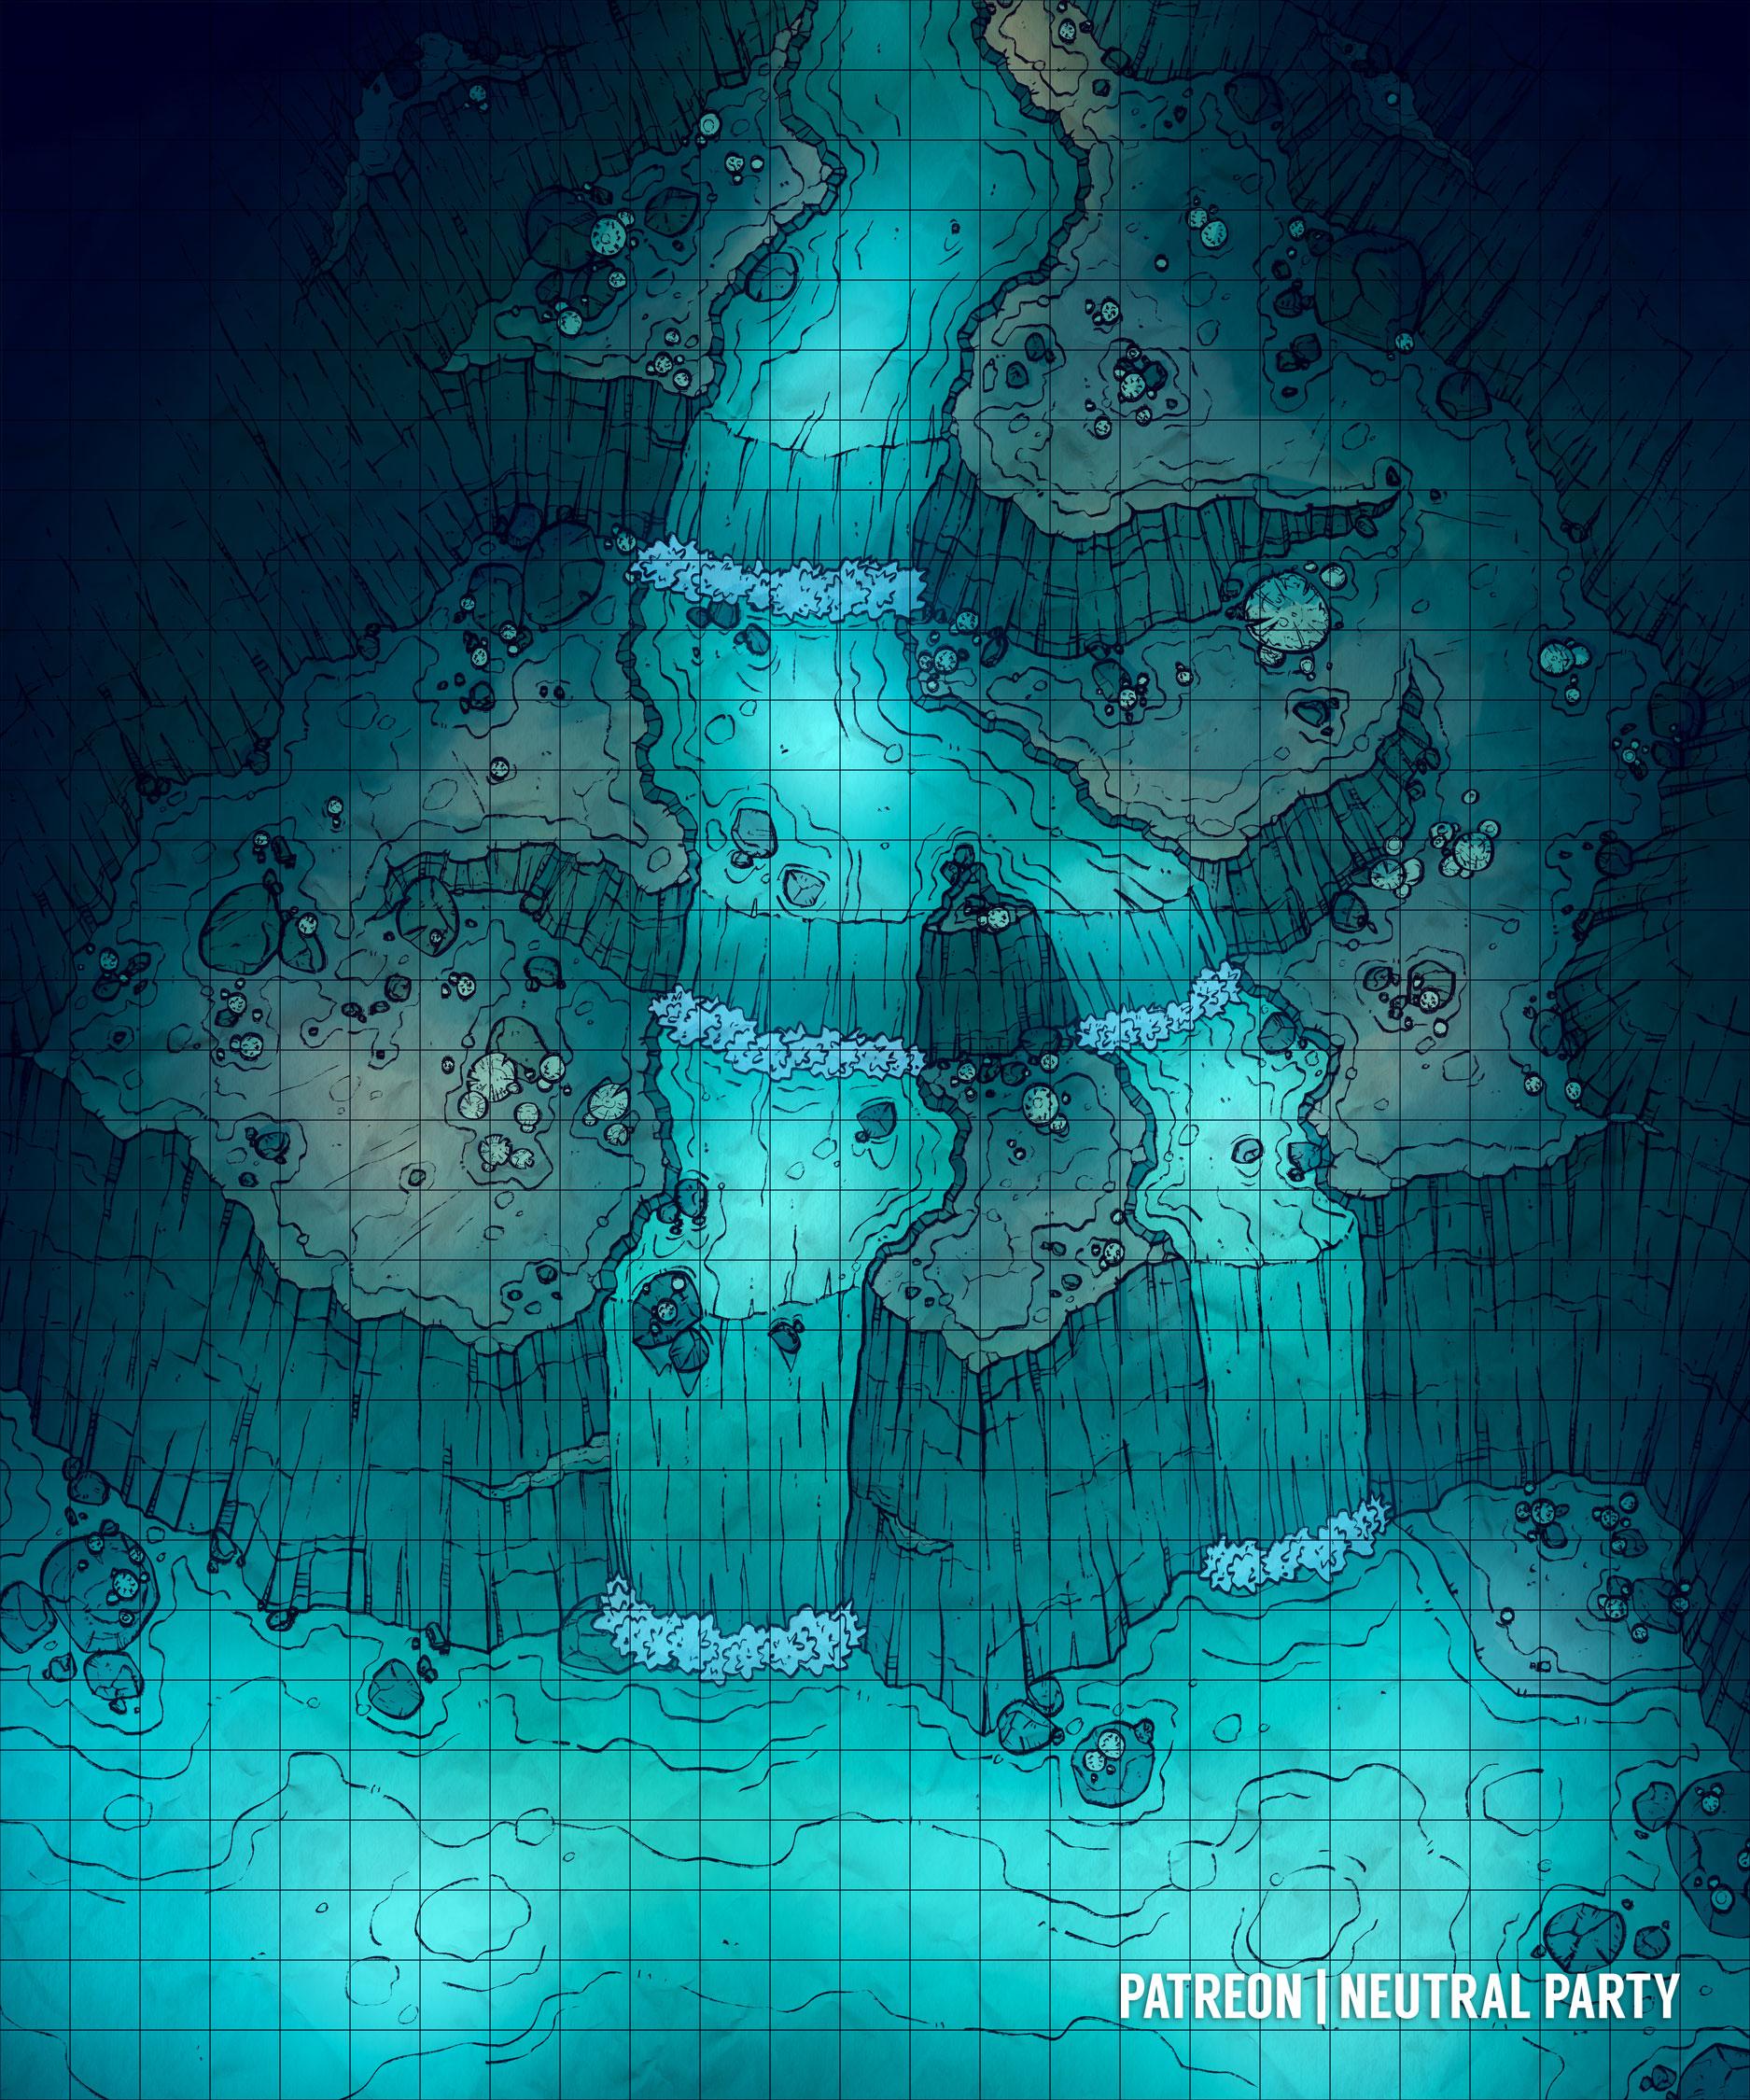 Underdark Map : underdark, Underdark, Waterfall, Battlemap, DungeonsAndDragons